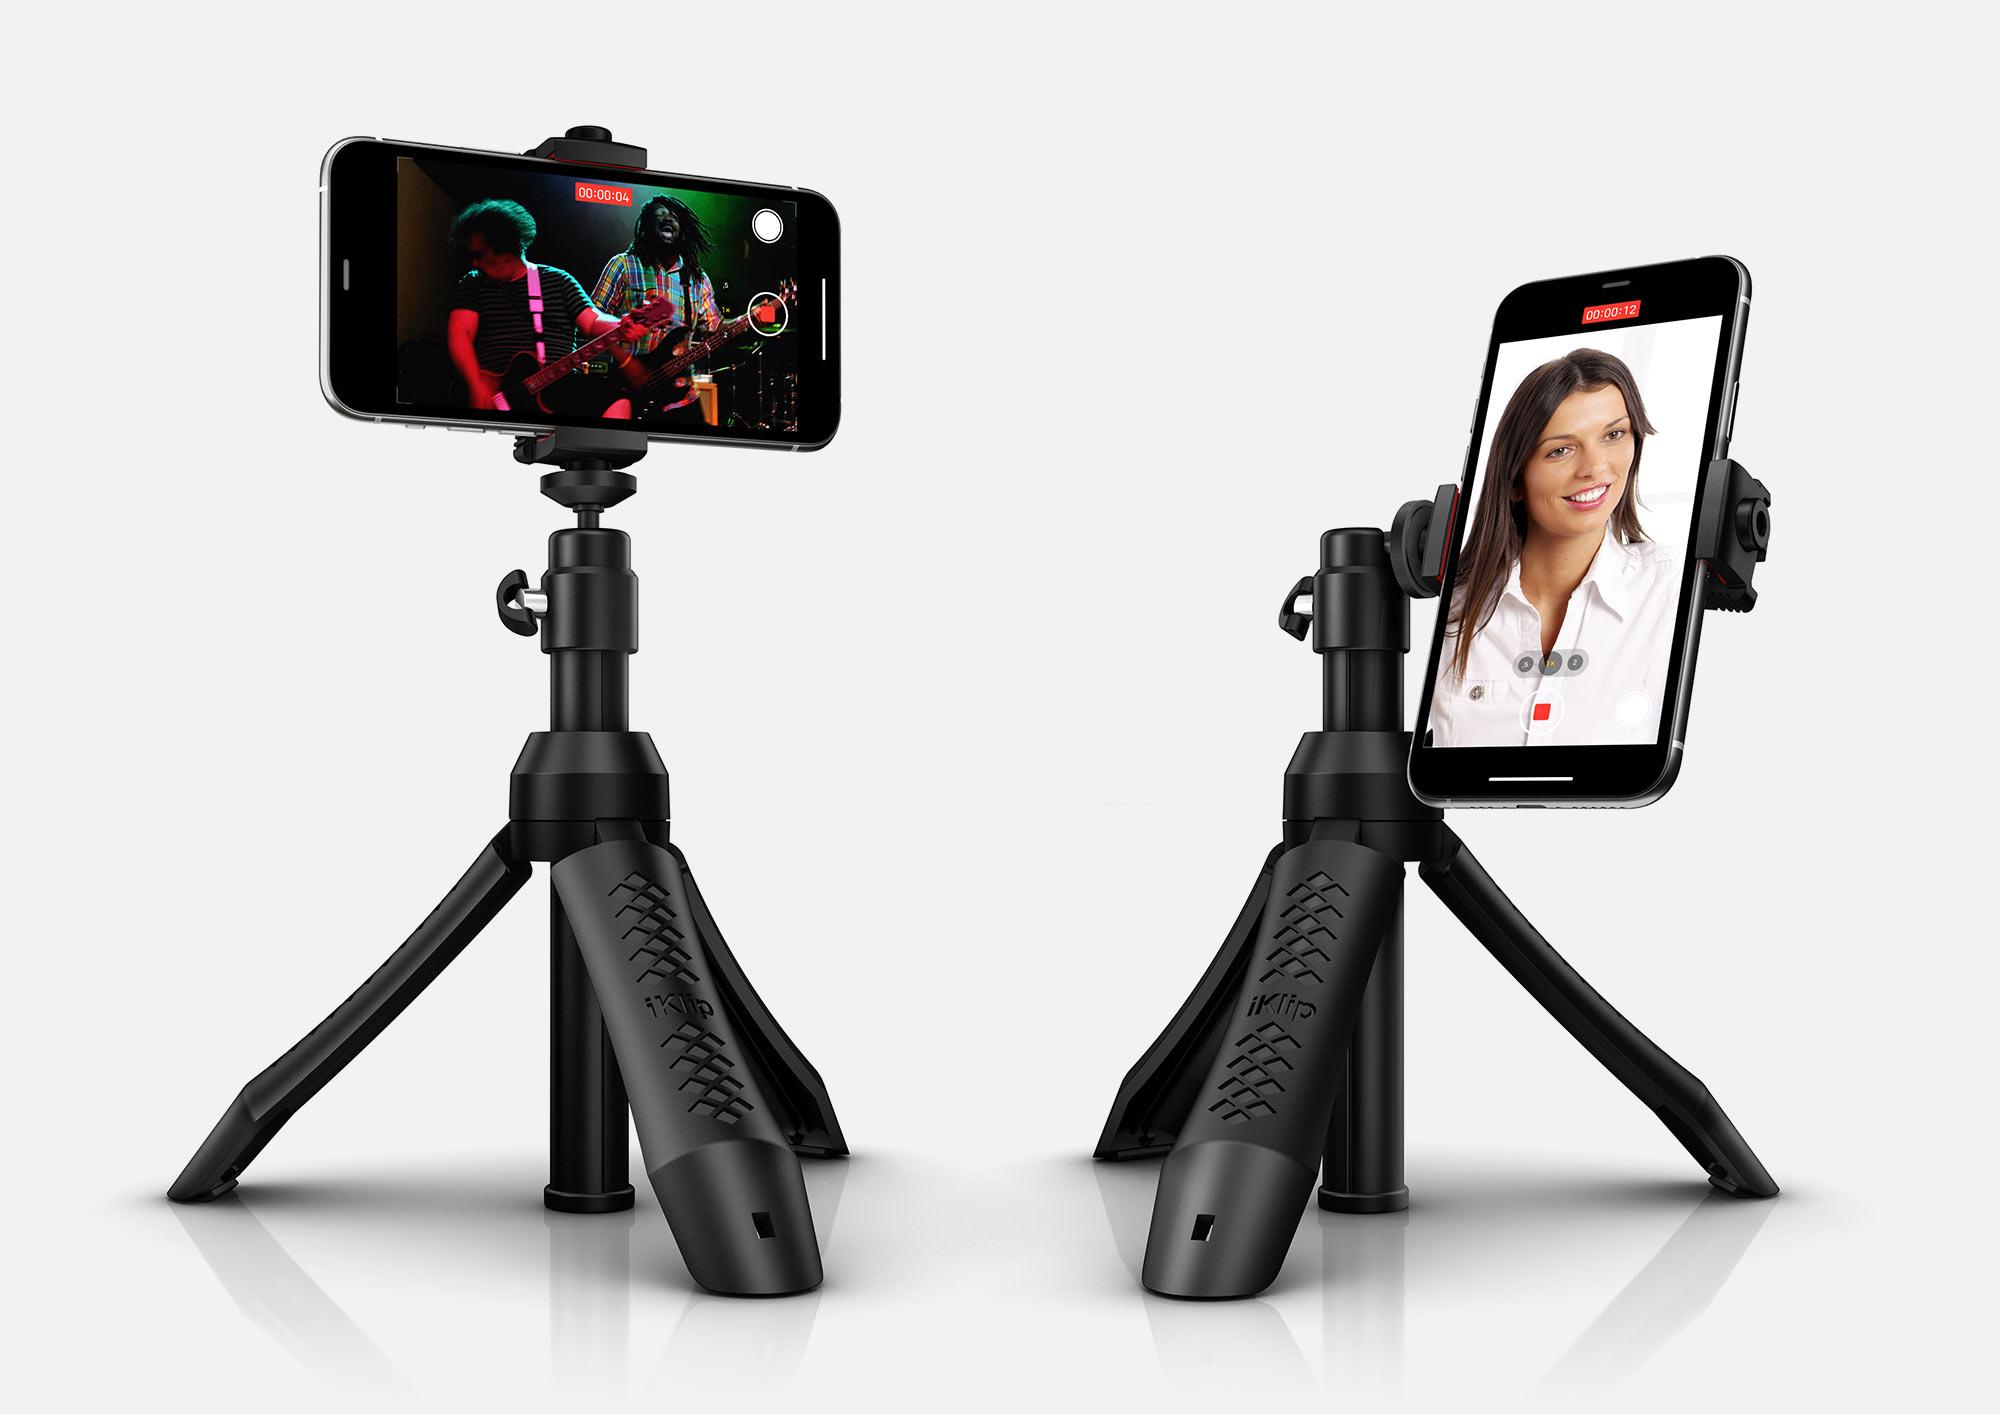 iKlip Grip Pro Portrait and Landscape